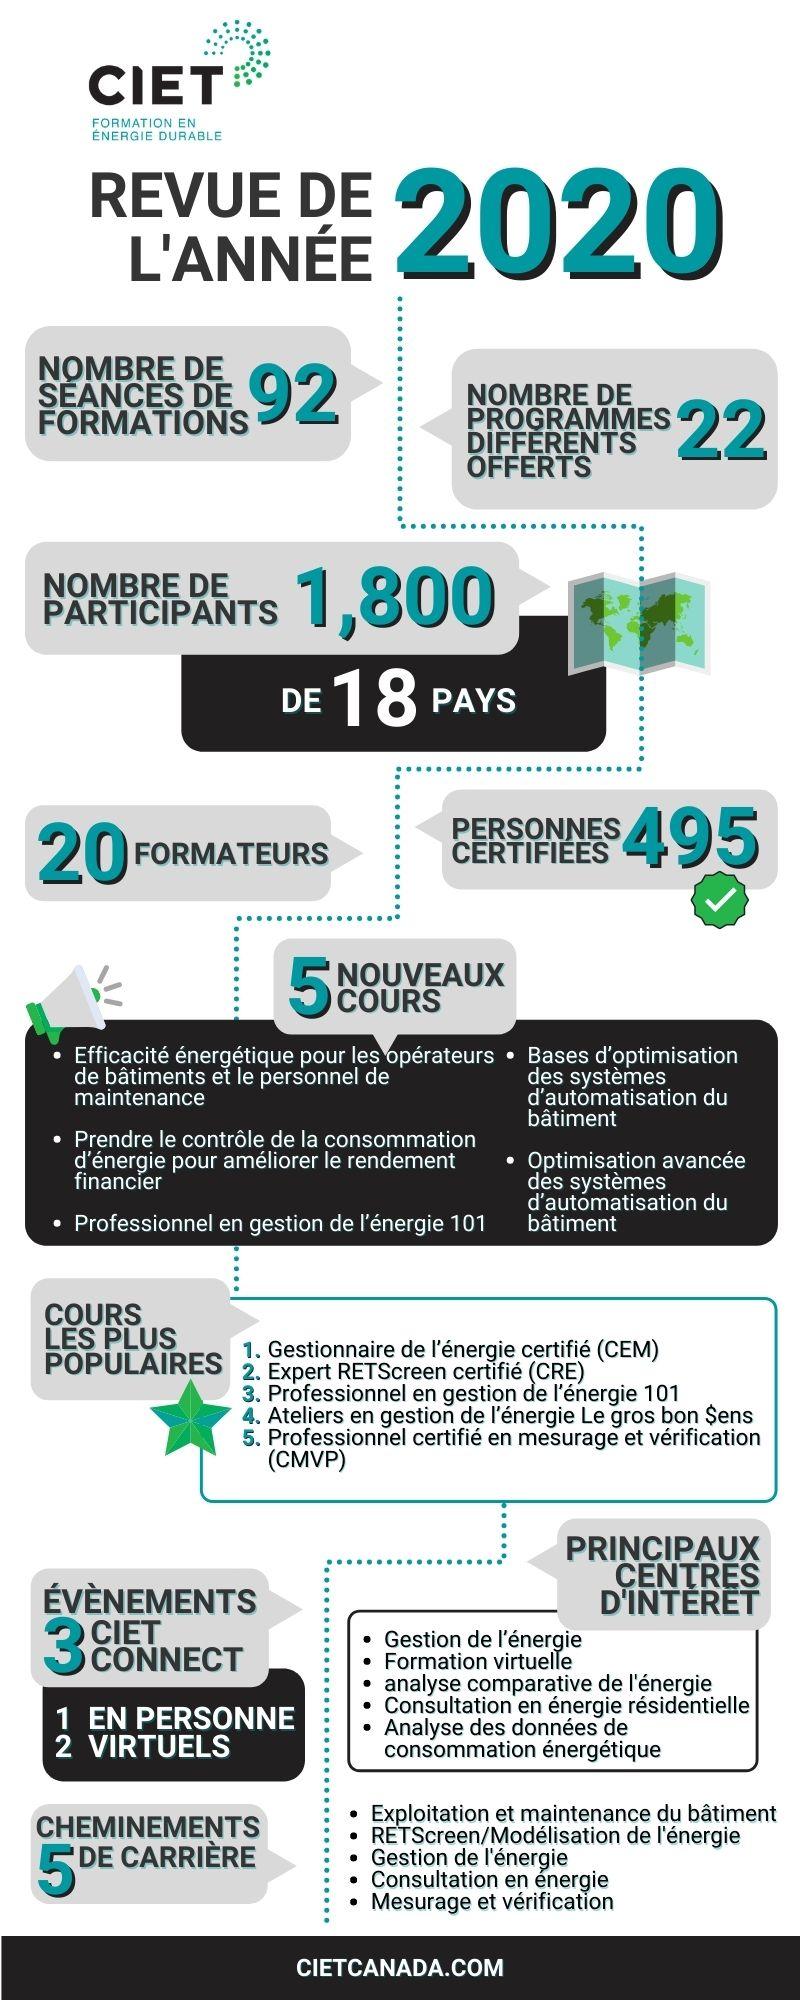 CIET 2020 Revue de l'année Infographic FR